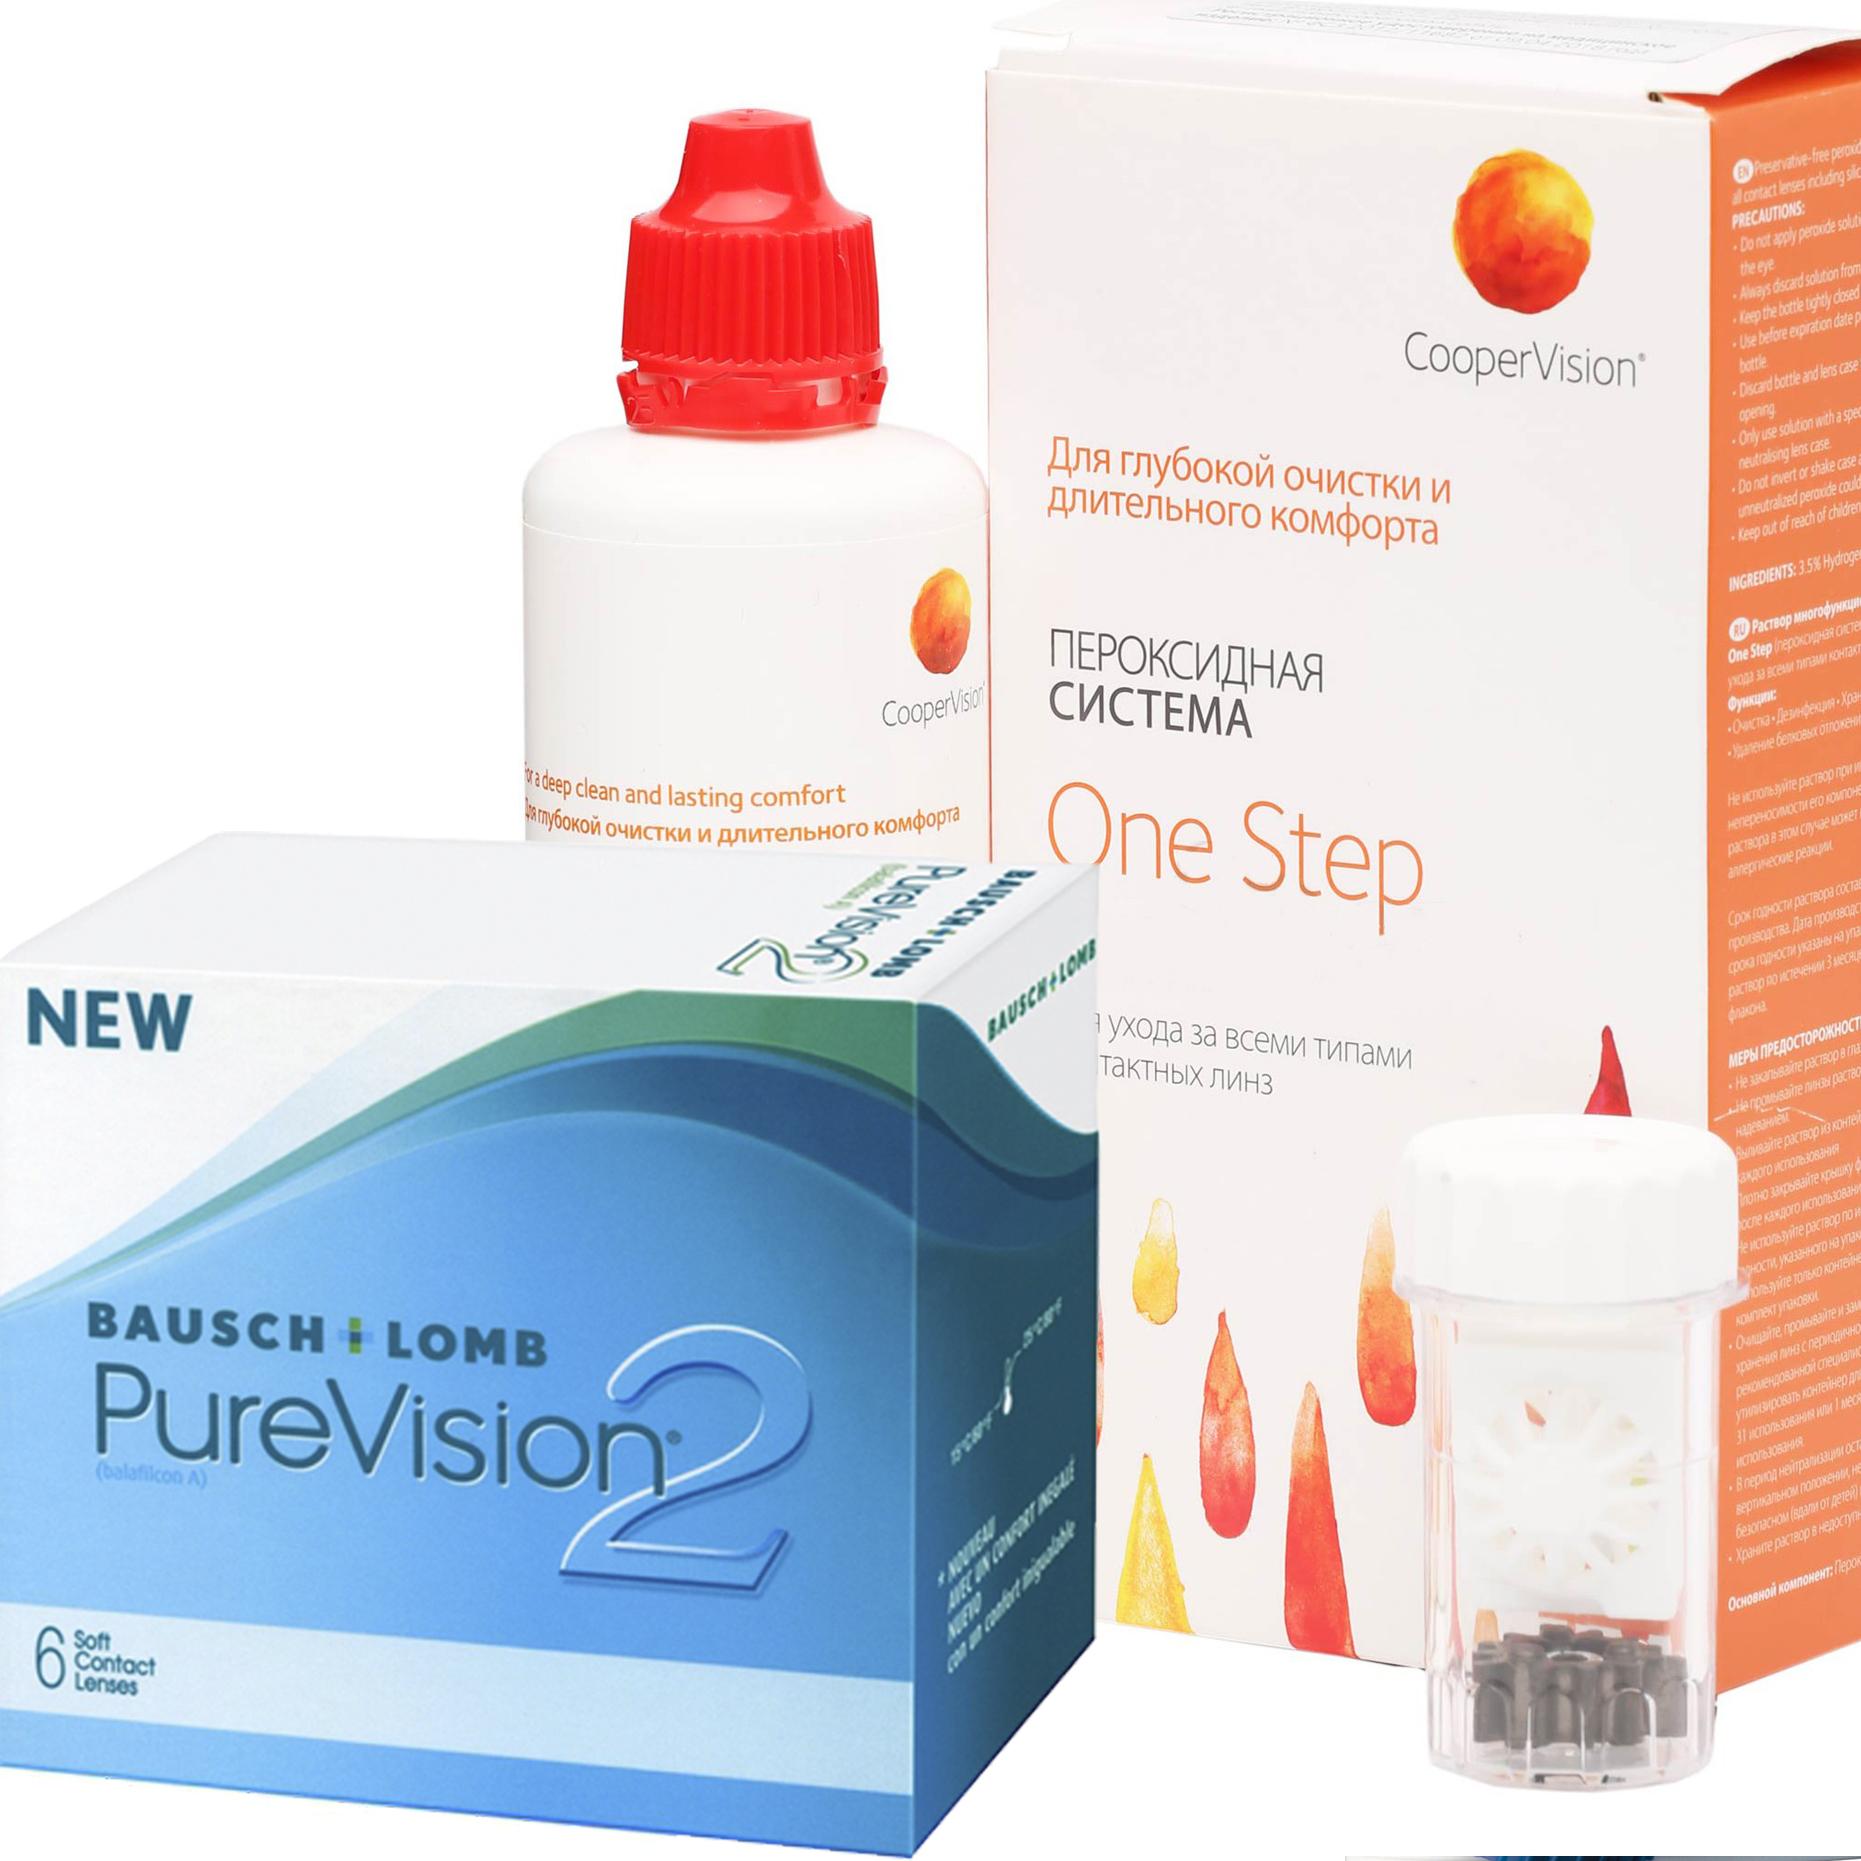 Купить 2 6 линз + One Step, Контактные линзы PureVision 2 6 линз R 8.6 +5, 00 + Раствор One Step 360 мл